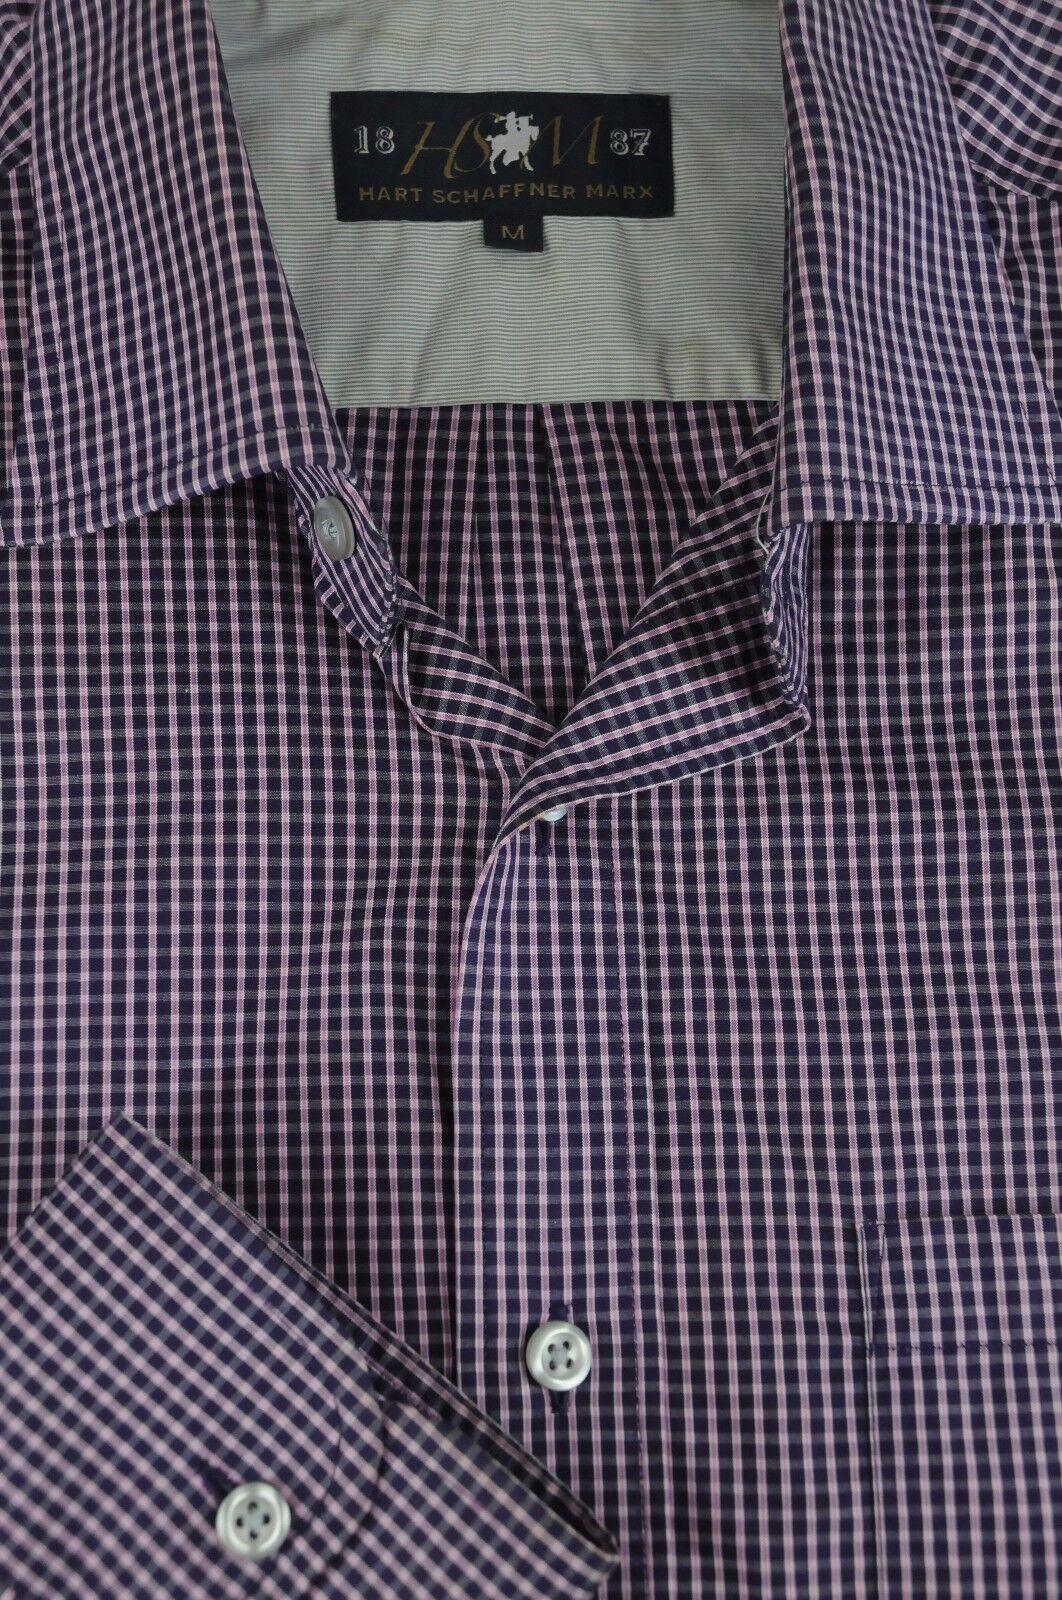 Hart Schaffner & Marx 1887 Men's Navy & Pink Cotton Casual Shirt M Medium